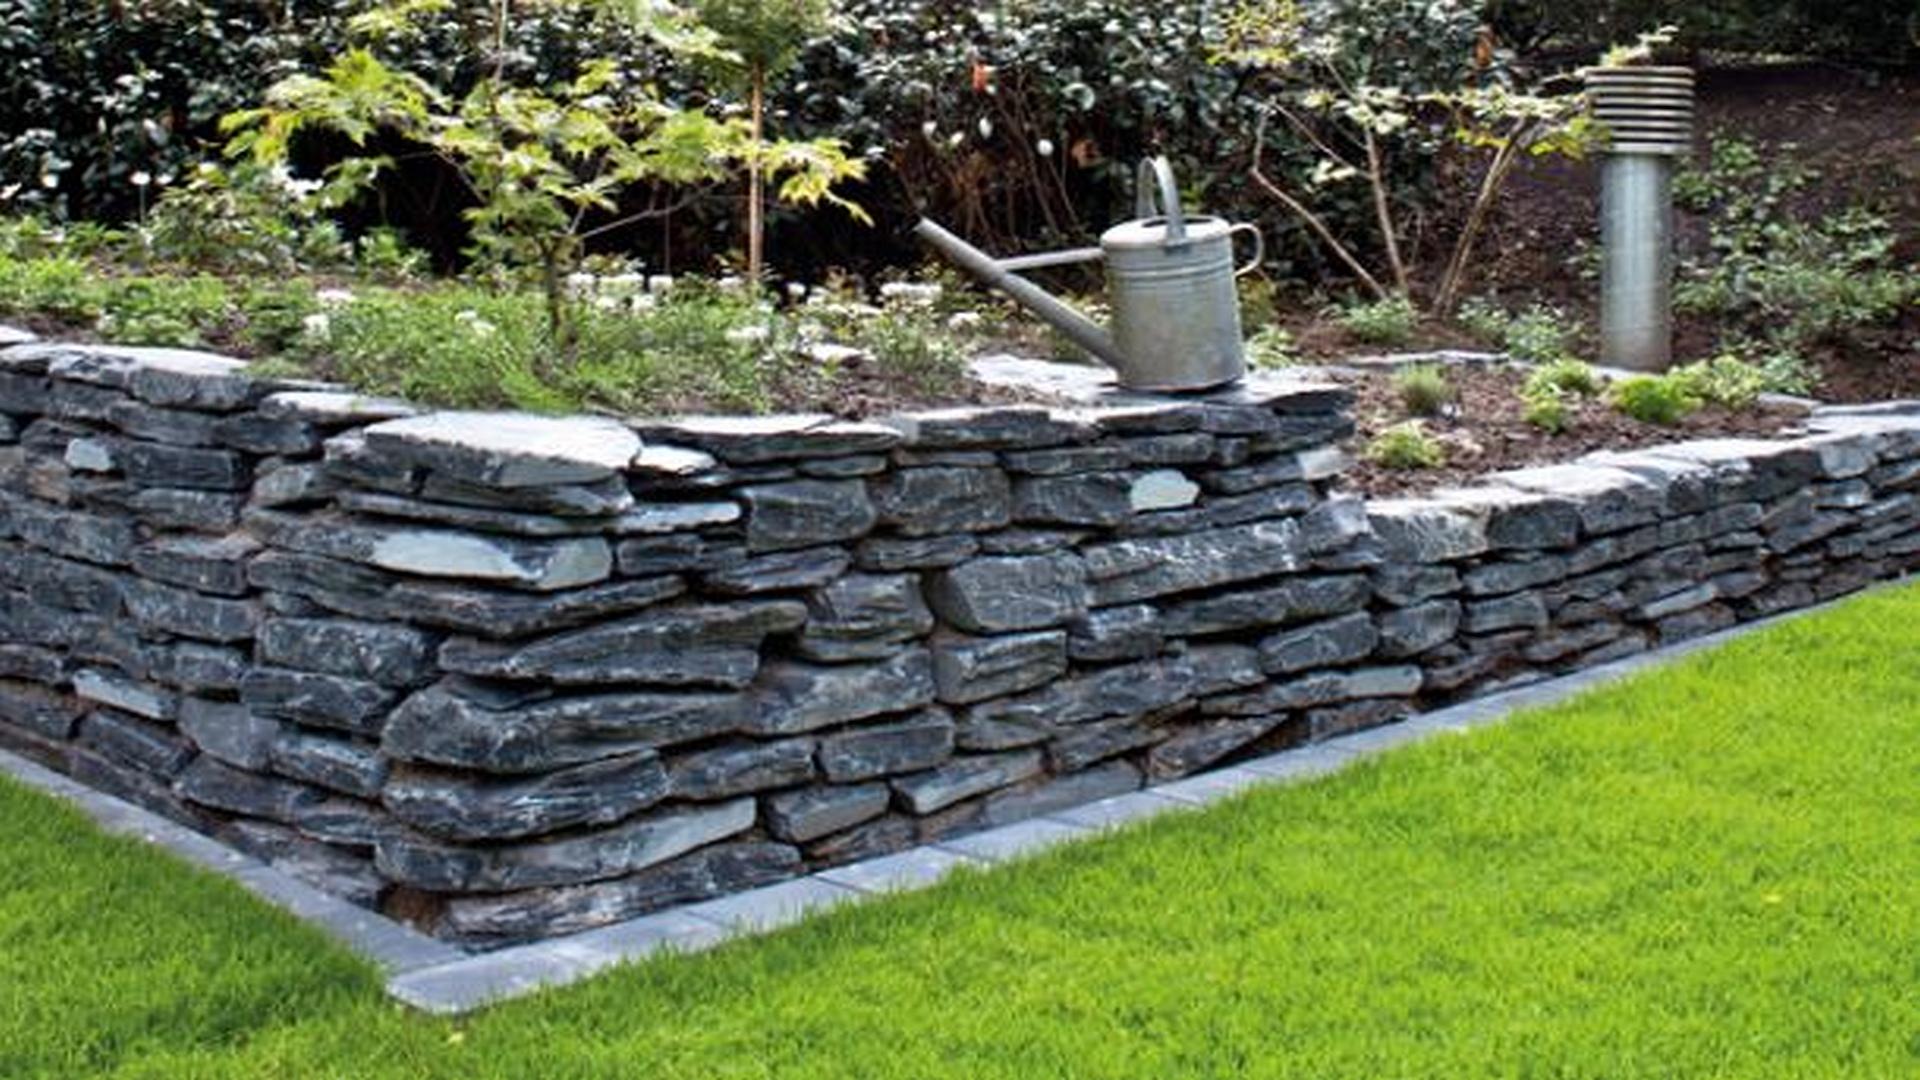 Schiefer schwarz Mauersteine teilweise gespalten, ca. 15-40